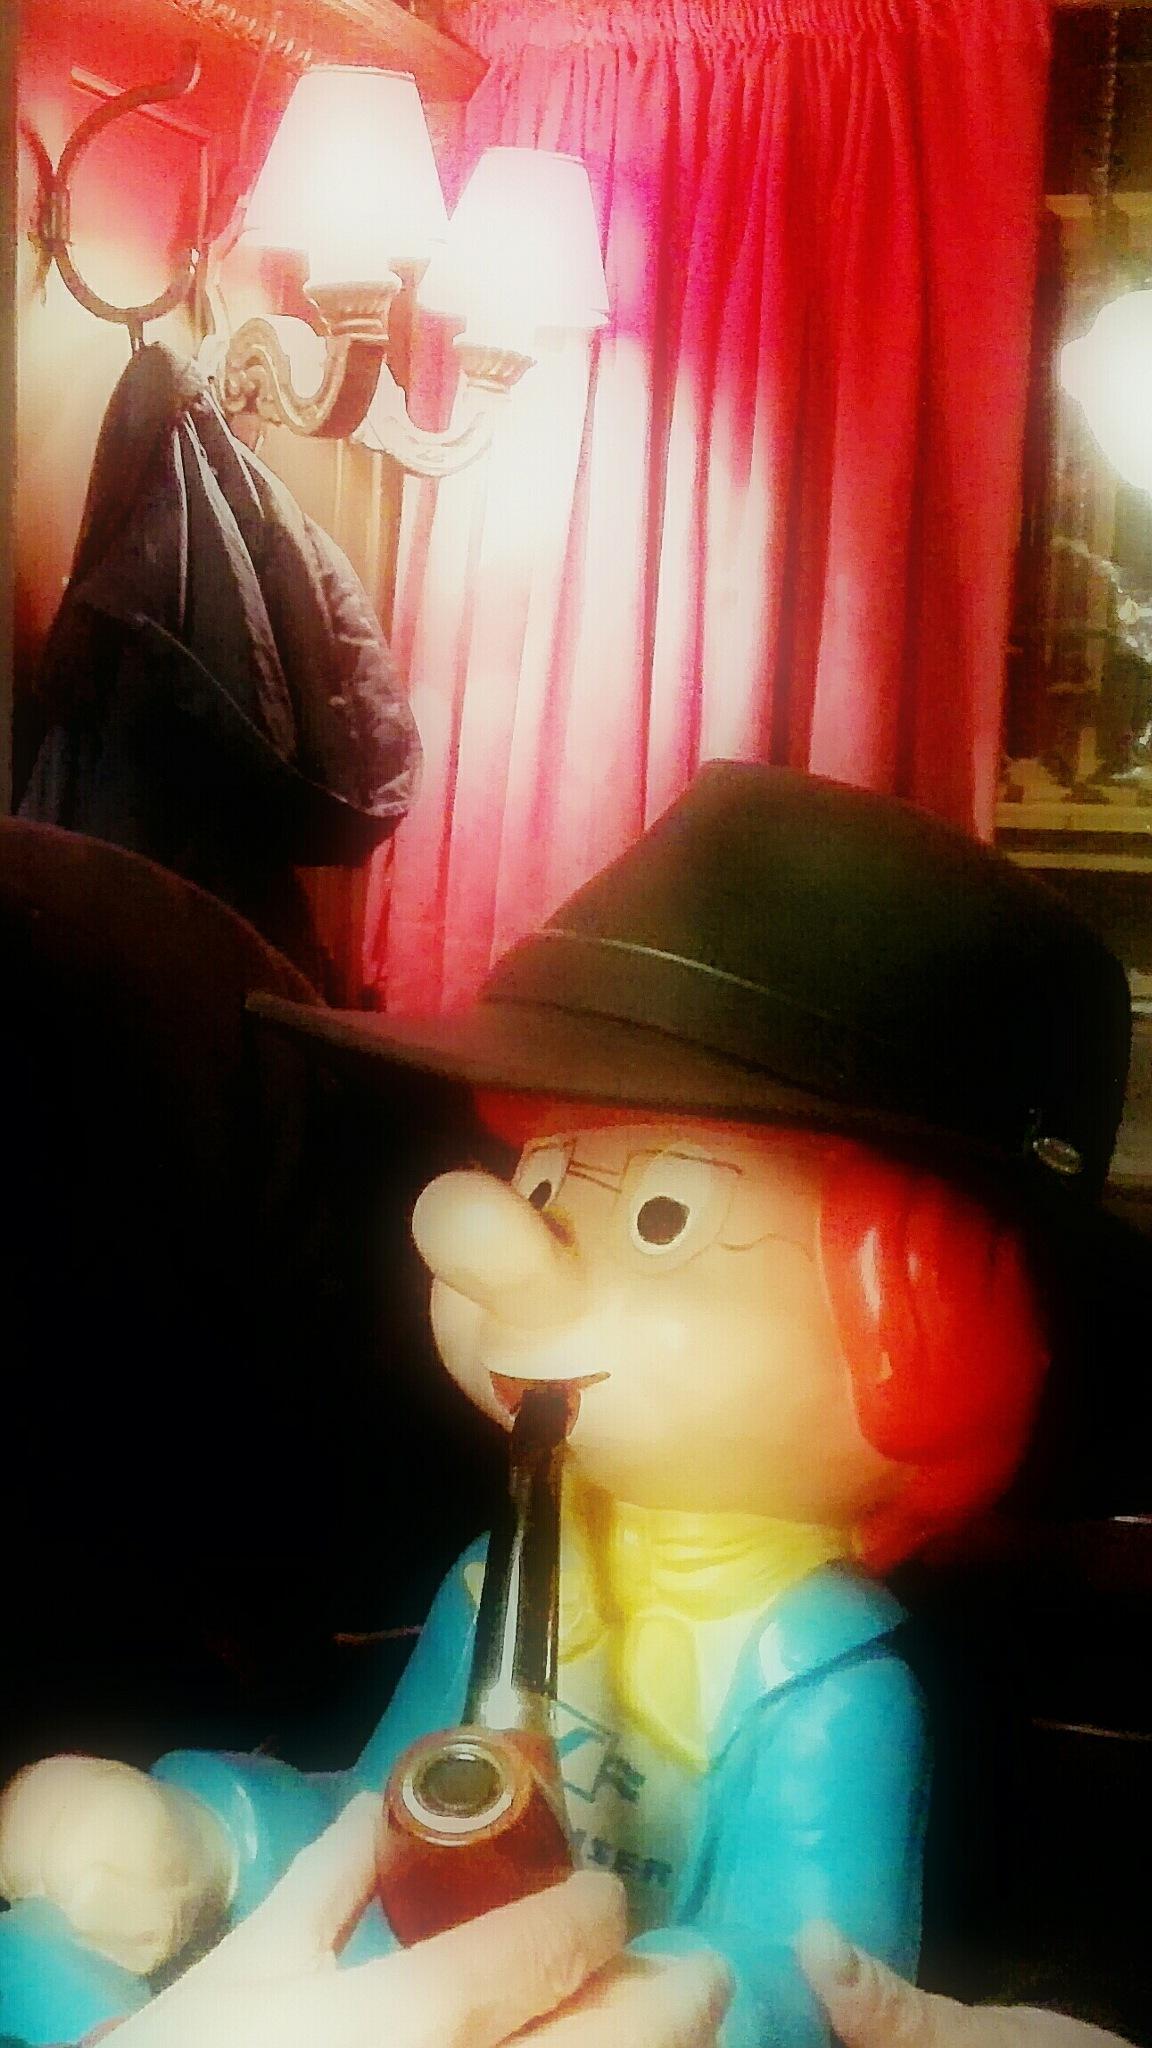 pipesmoking redhead figure by hermantaels